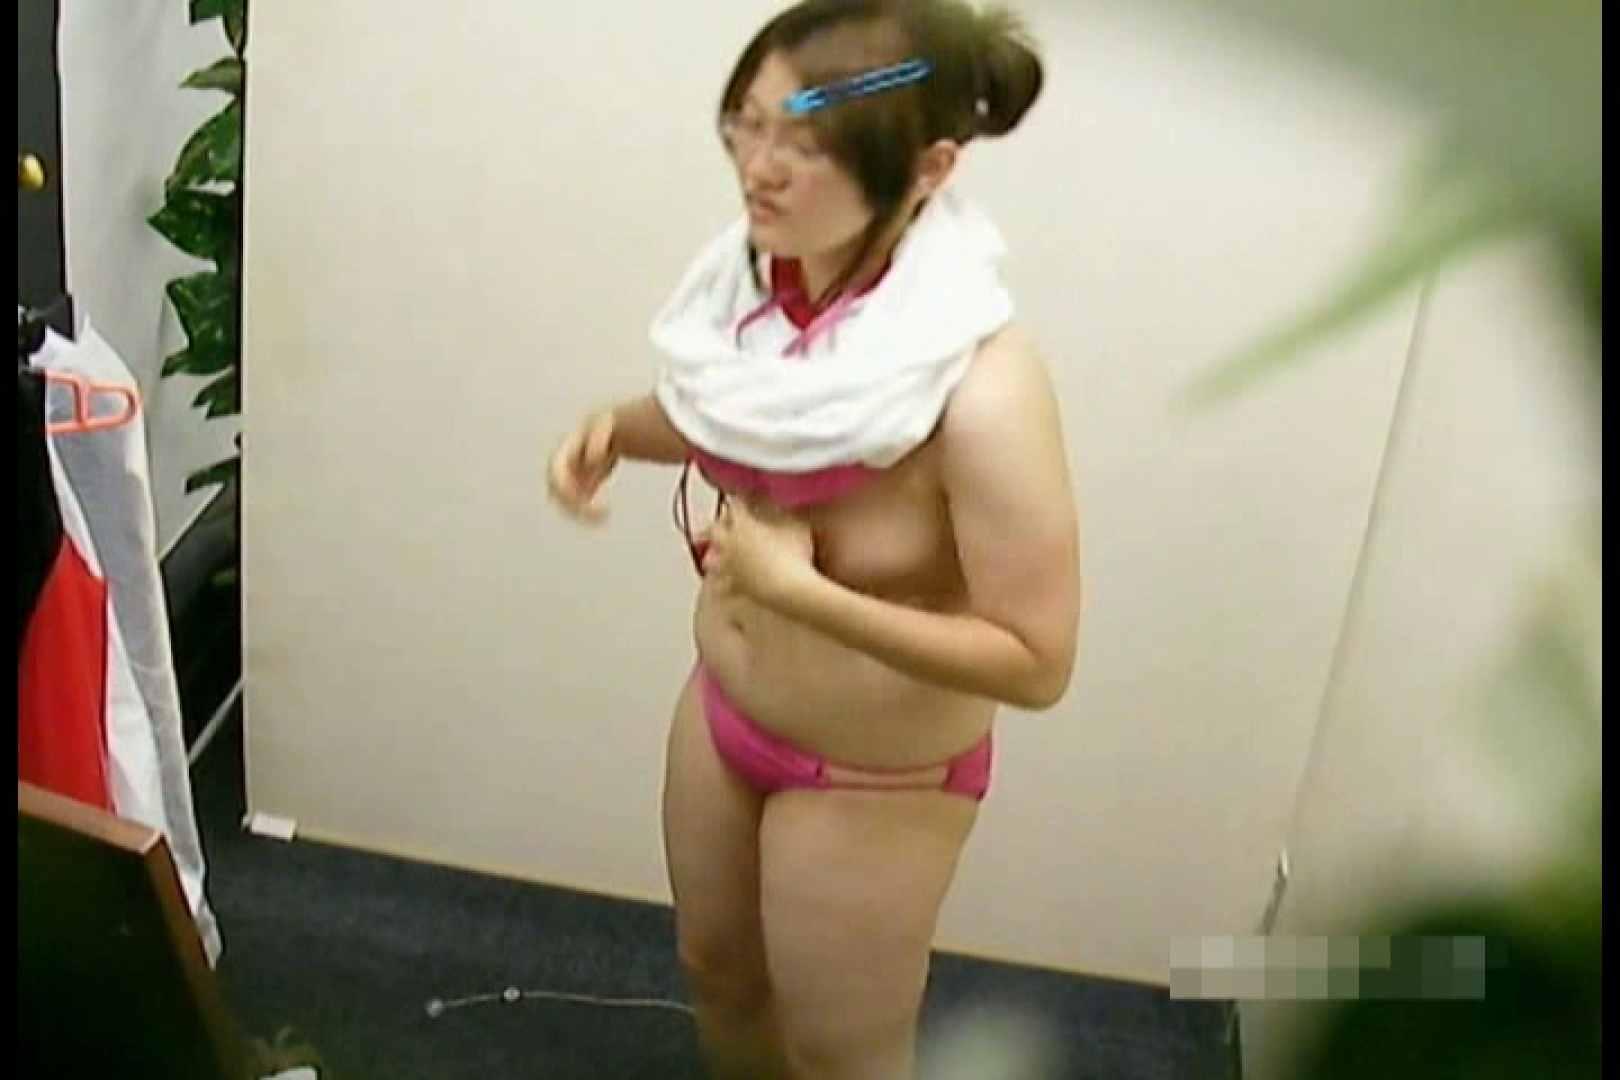 素人撮影 下着だけの撮影のはずが・・・えりか18歳 巨乳特別編 SEX無修正画像 112枚 71